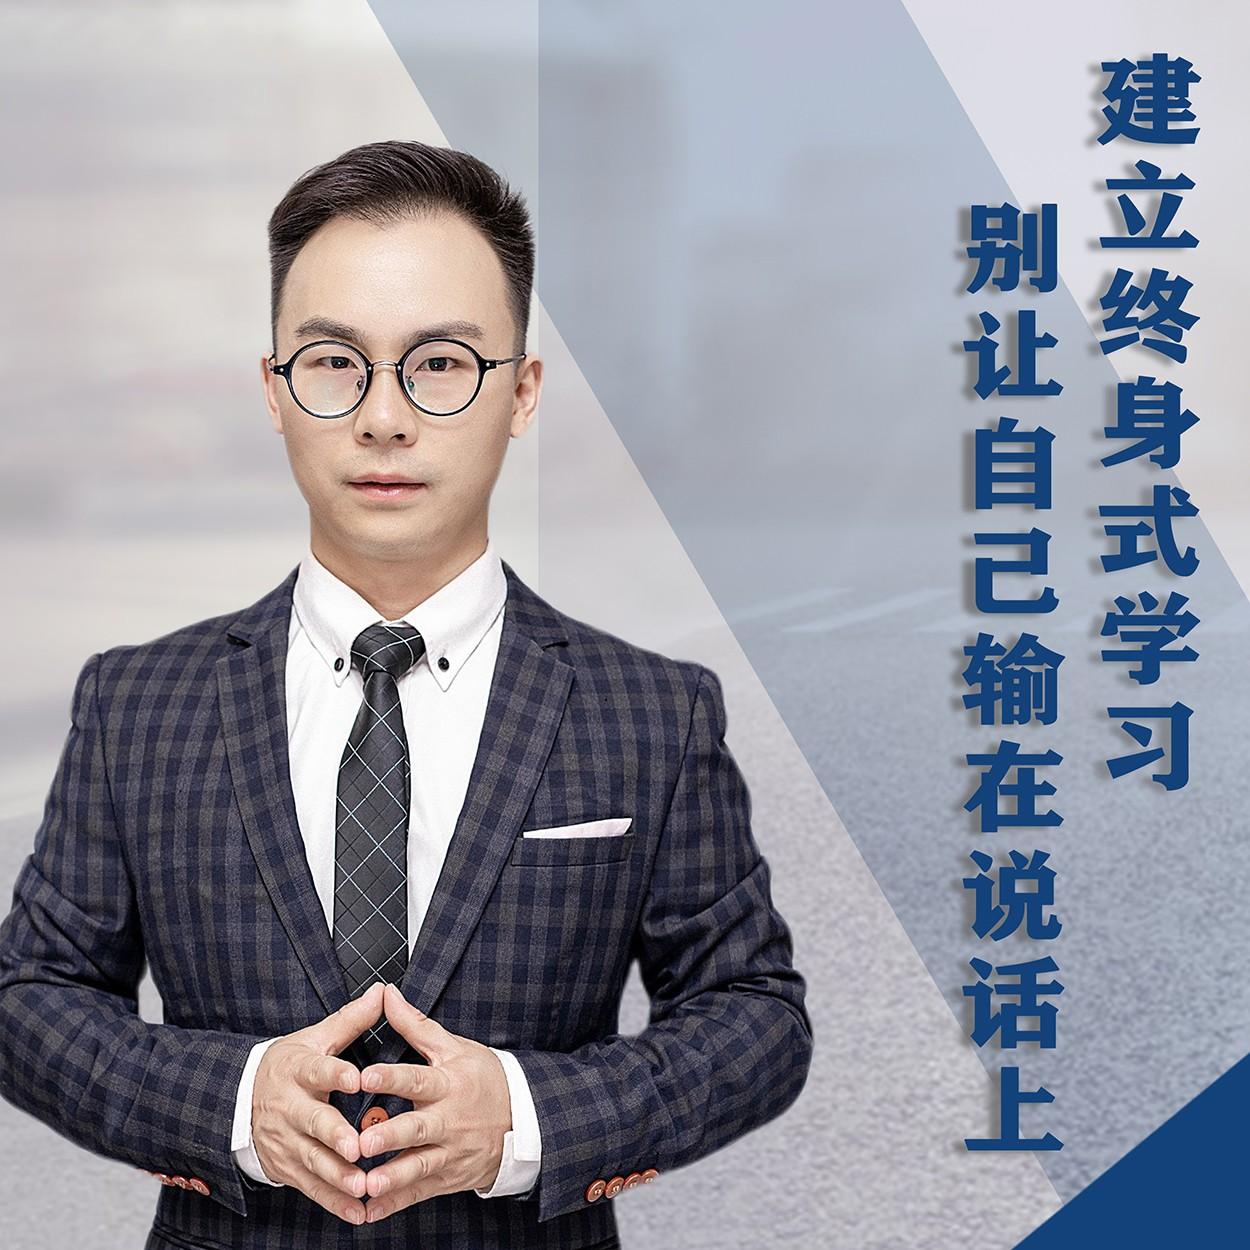 贵阳卡耐基演讲口才betway体育app智深老师